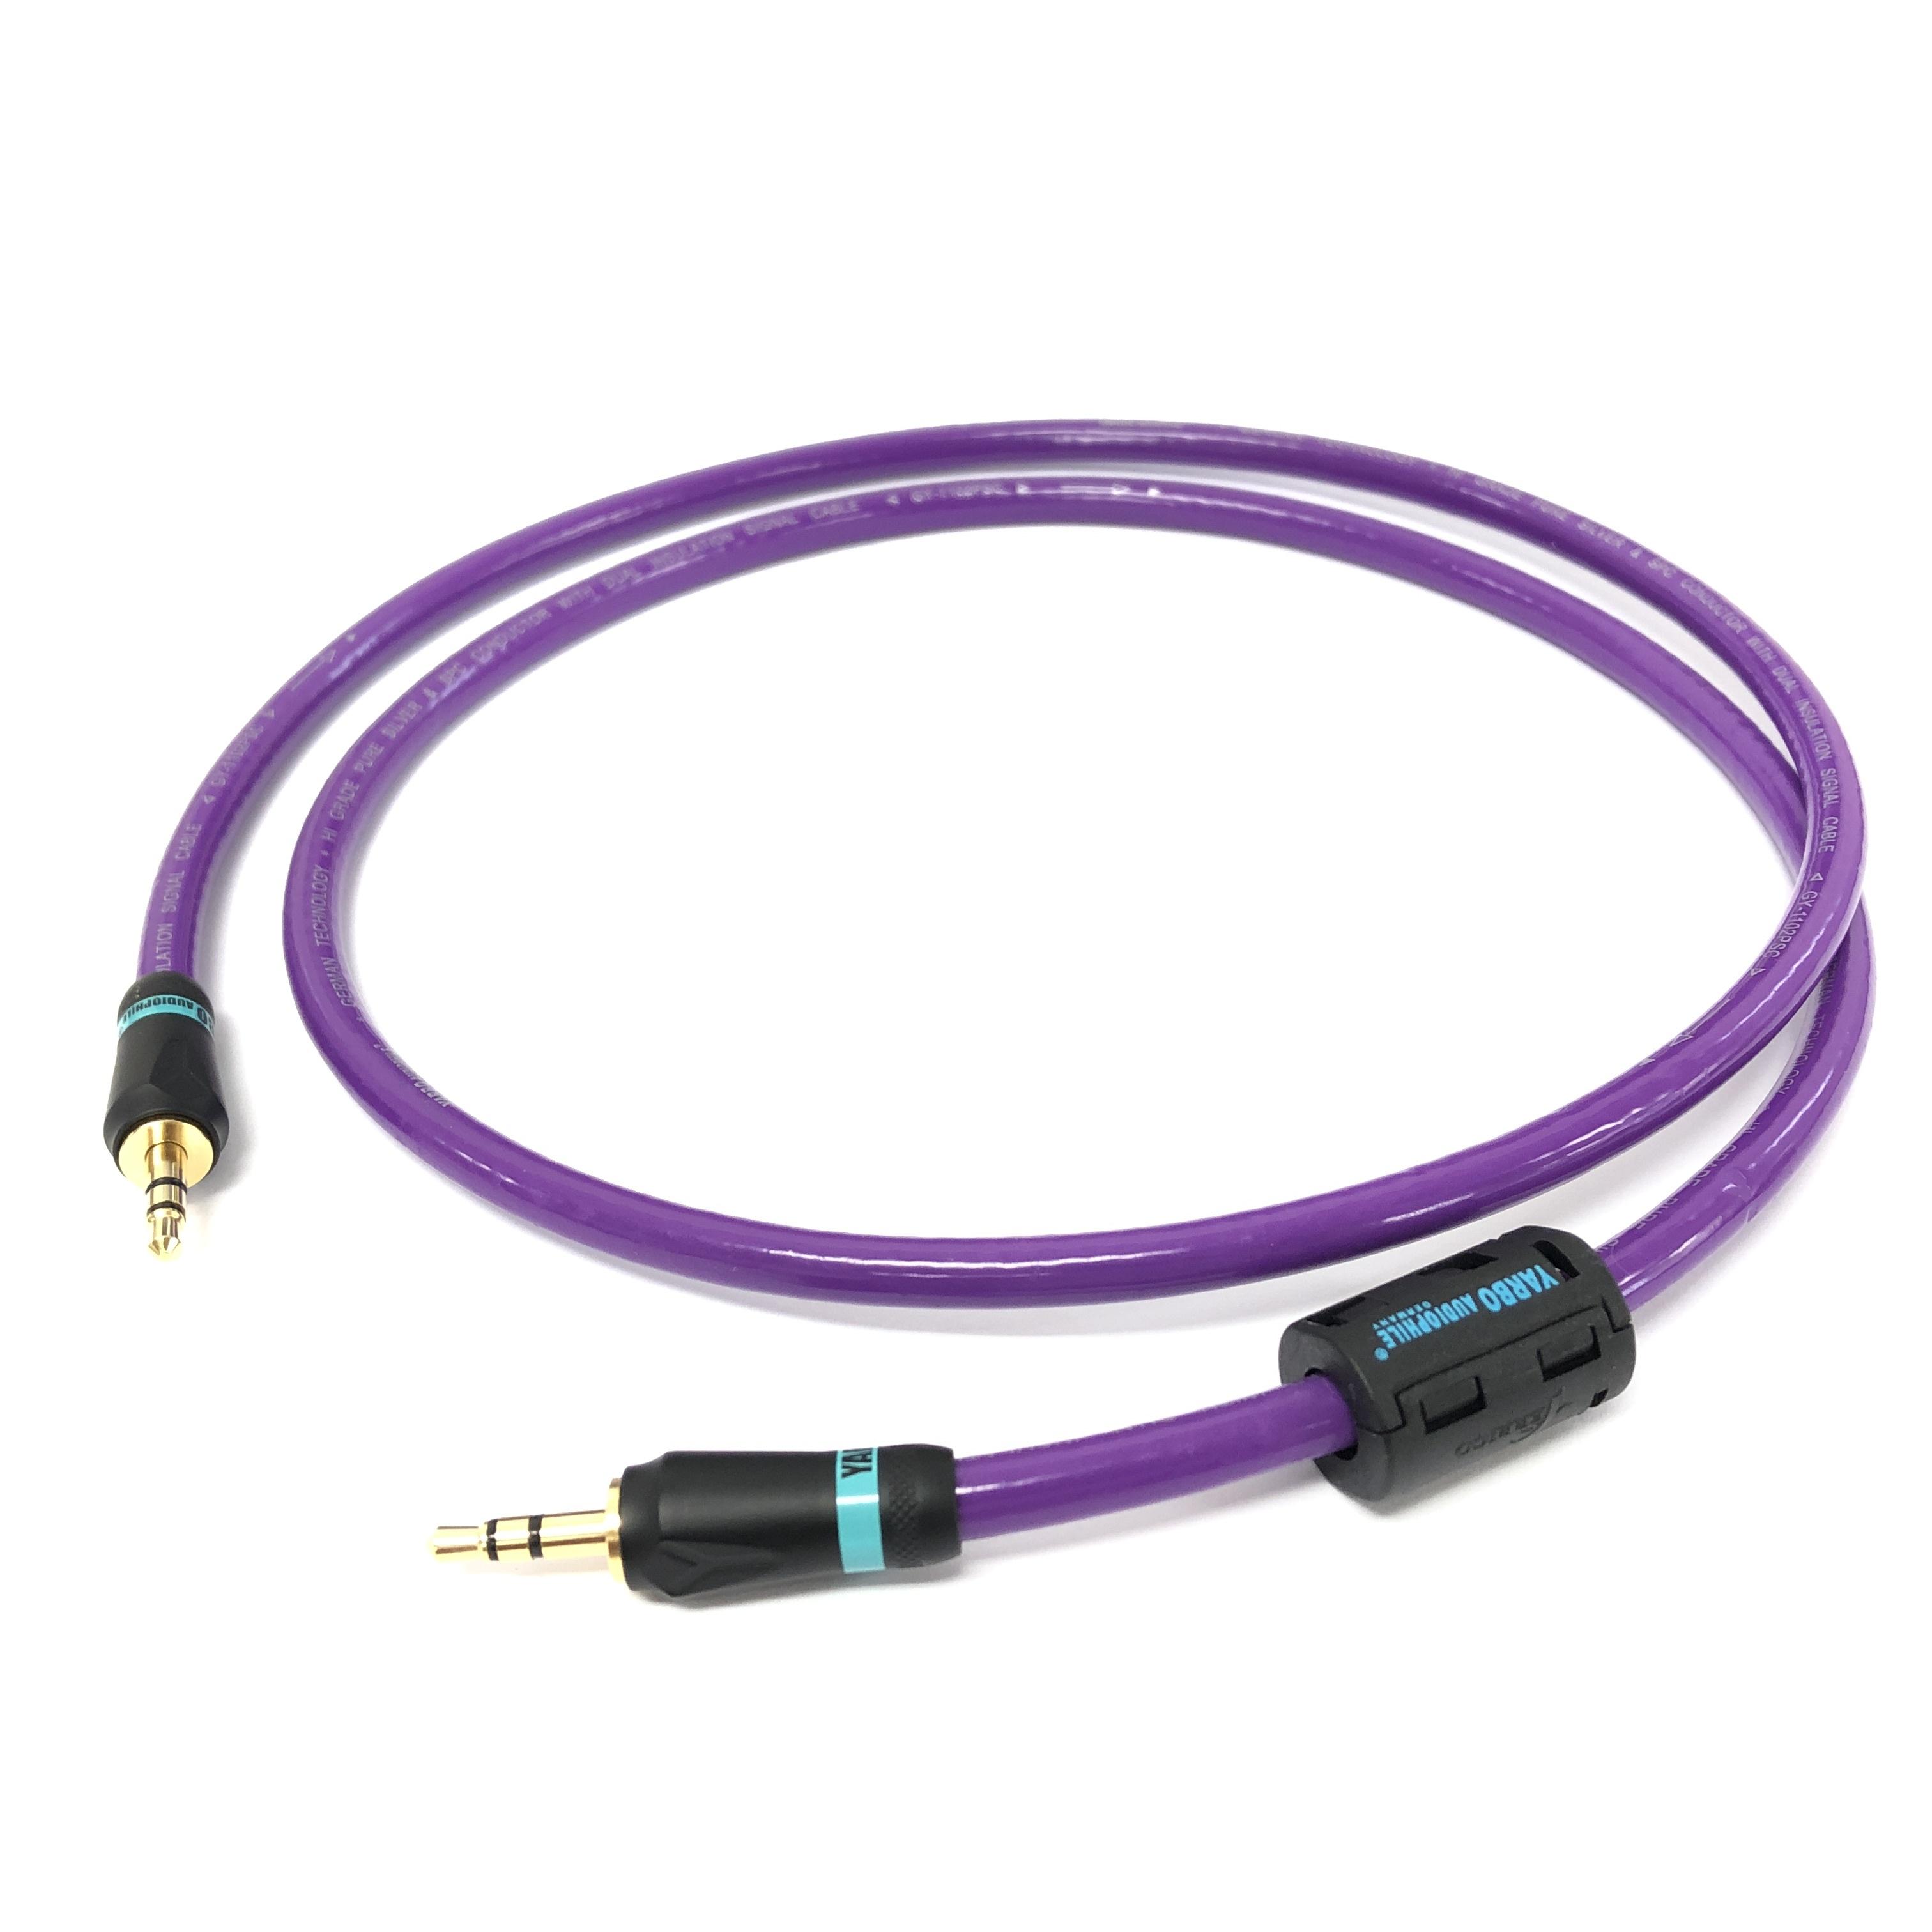 【アウトレット 数量限定】GY-7008MA-F 銀メッキ銅線オーディオケーブル 3.5mm mini-mini 1m::YARBO